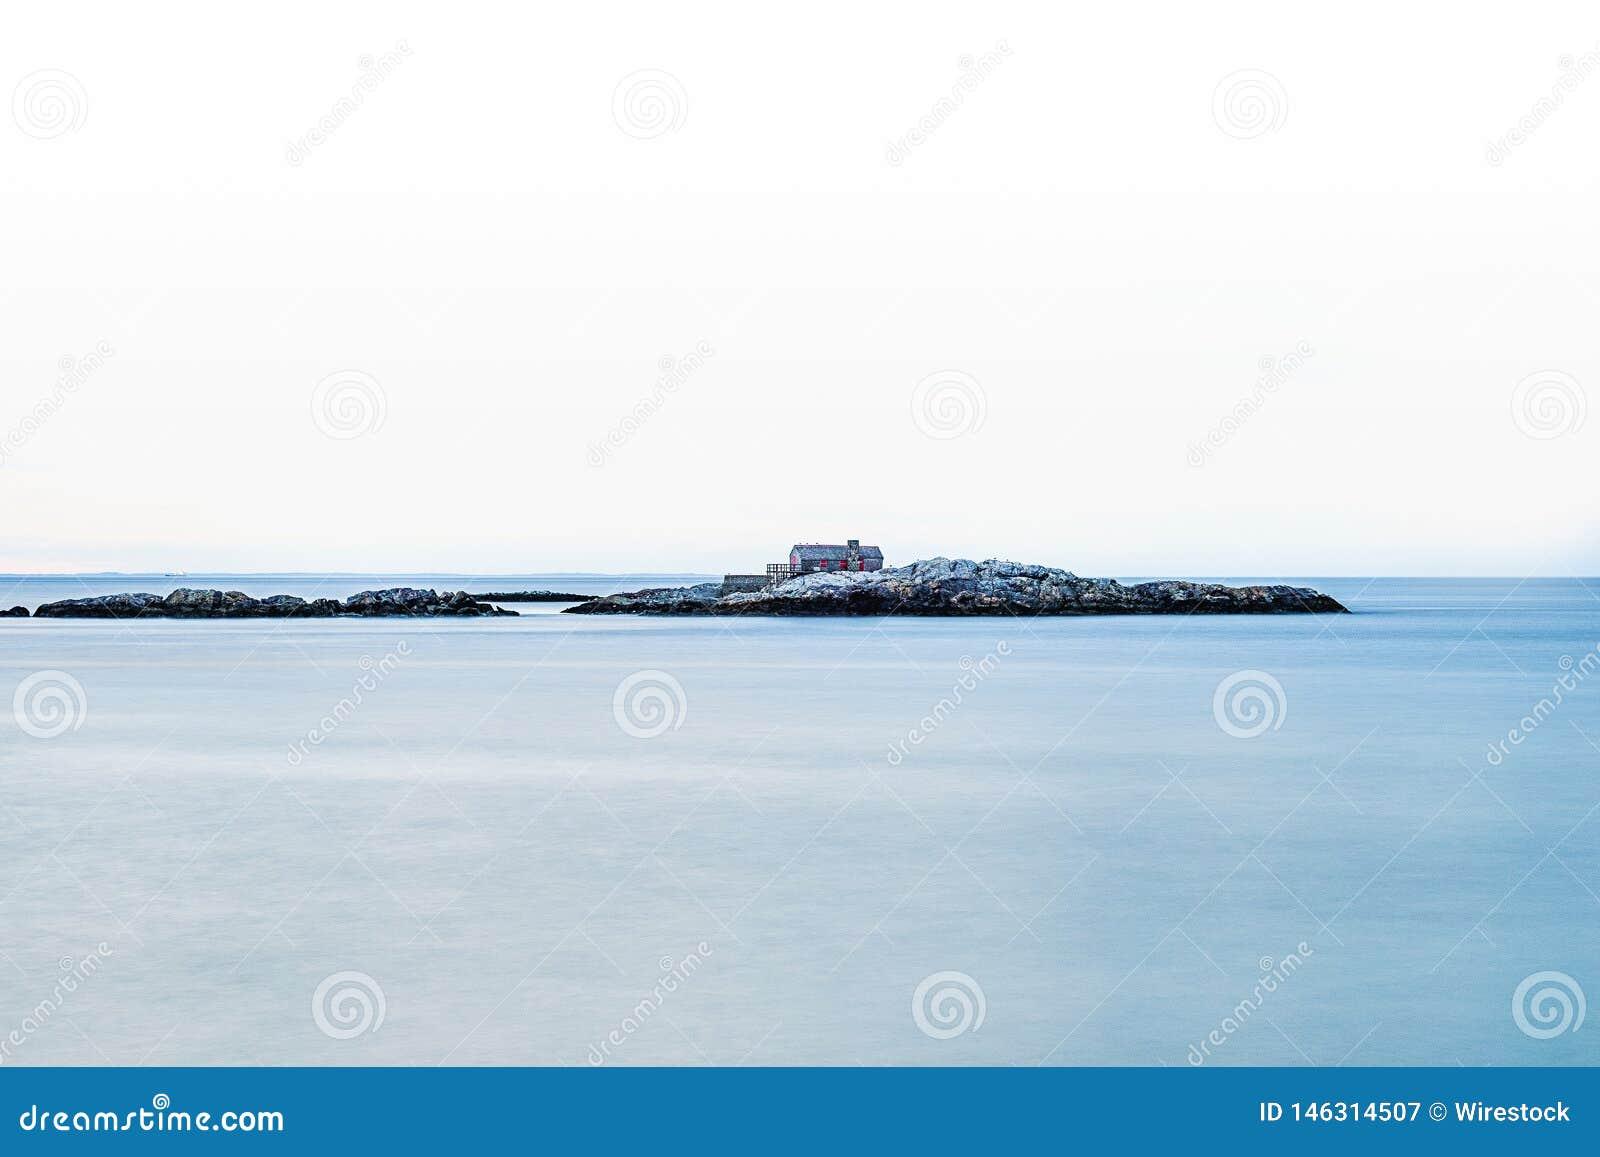 在一个小的岩质岛上建造的房子在海中间